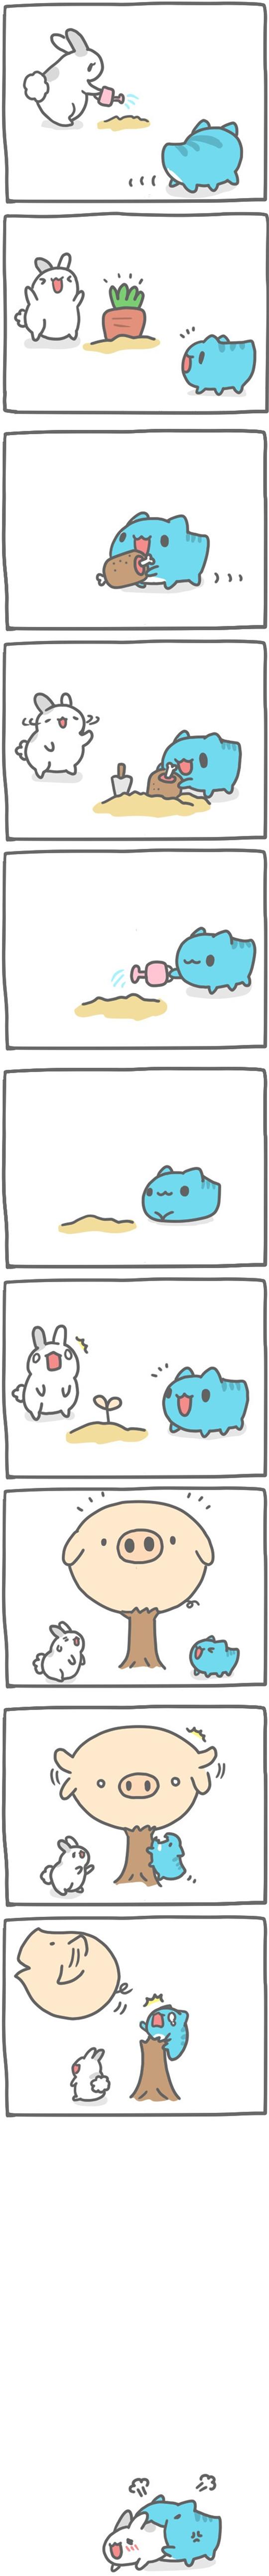 Truyện Mìn Lèo #121: Cây đùi lợn